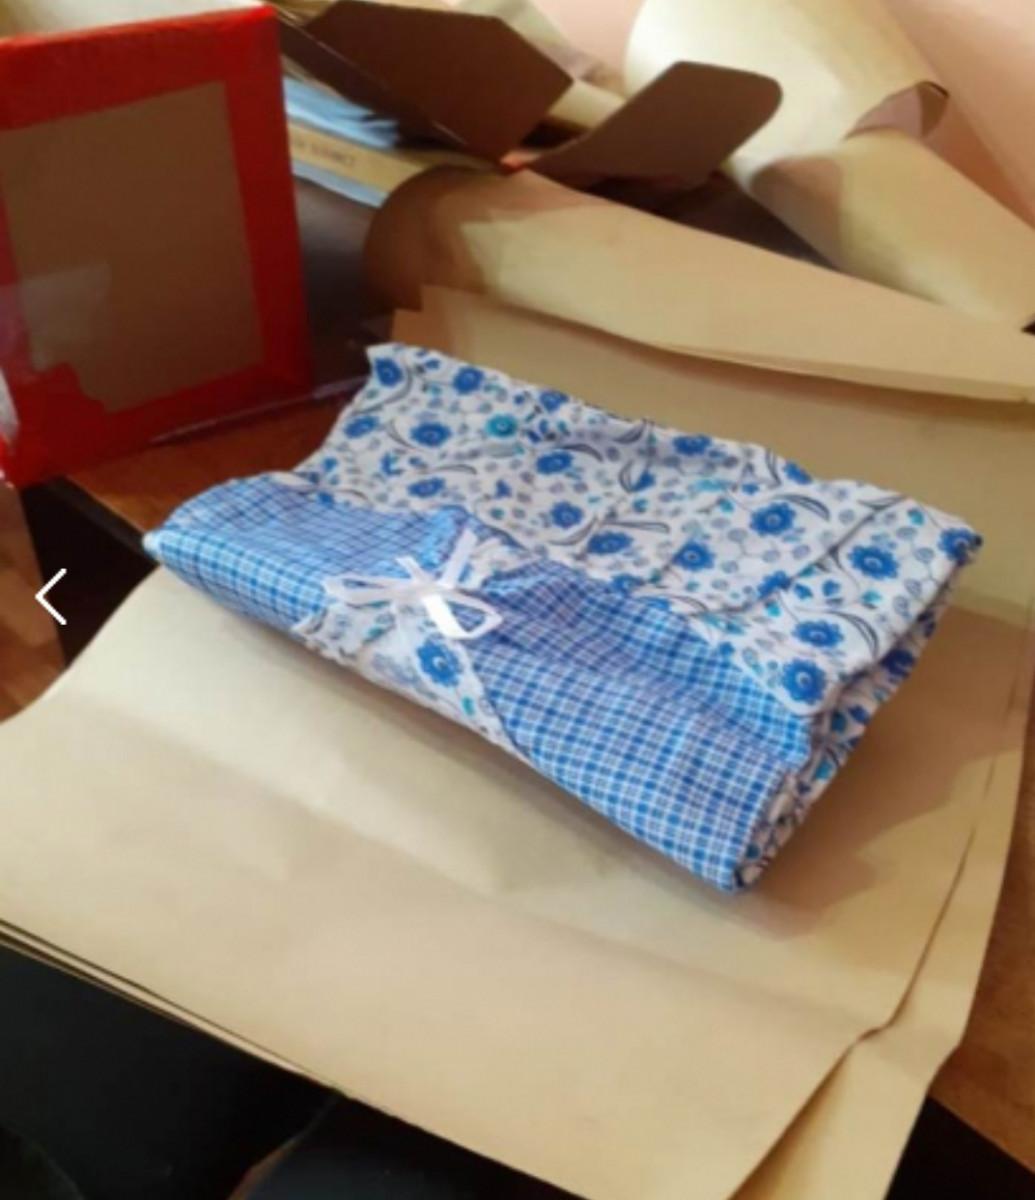 Жительница Кузбасса заказала через интернет 3 нарядных платья, а когда получила посылку, побежала в полицию